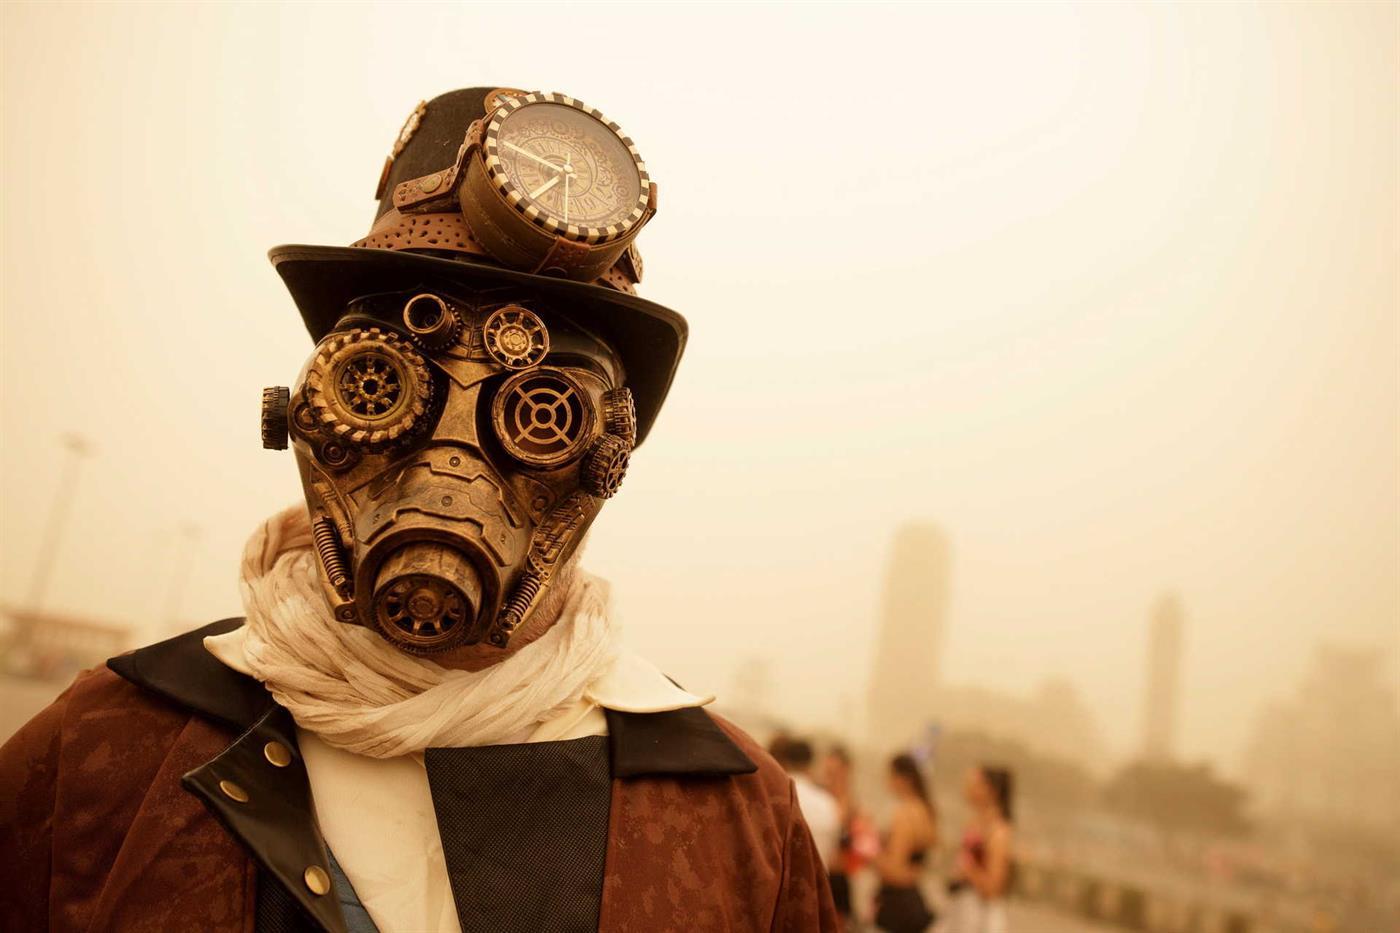 Muitos dos festejos de carnaval nas Canárias foram cancelados